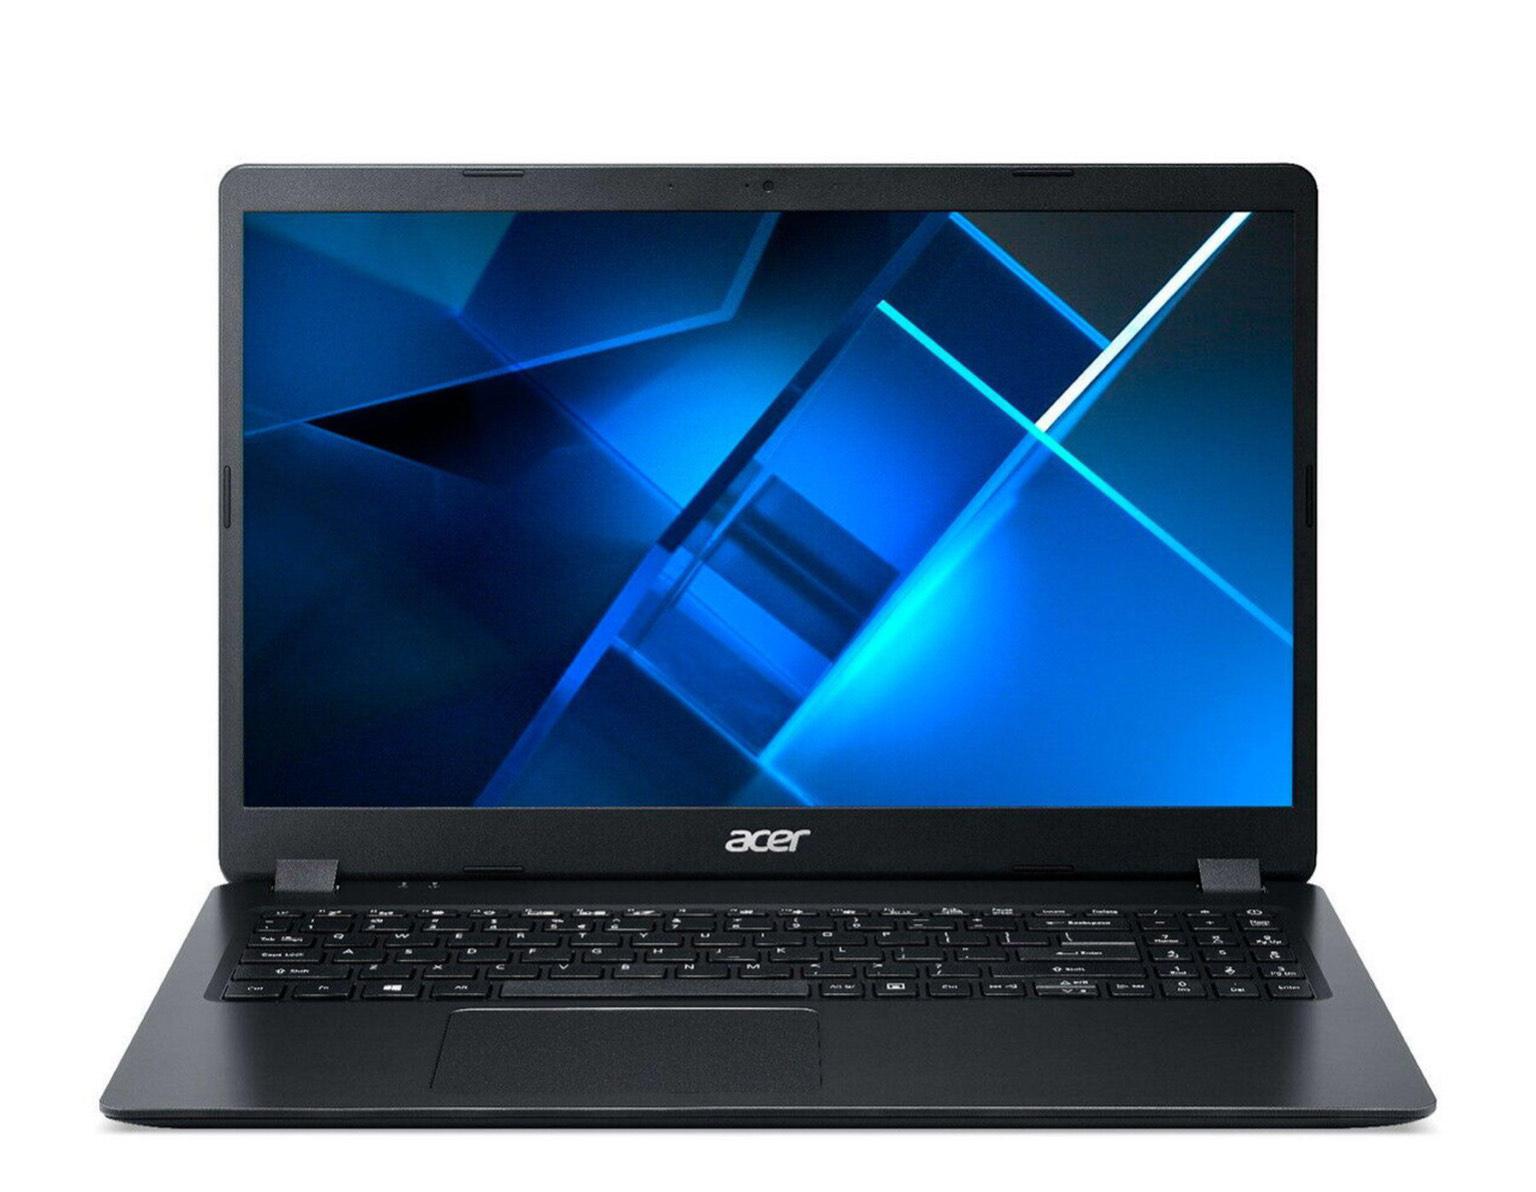 Portátil ACER EXTENSA 15 EX215-52-58HQ Intel Core i5-1035G1/8GB/256GB SSD/15.6'' FHD/FREEDOS